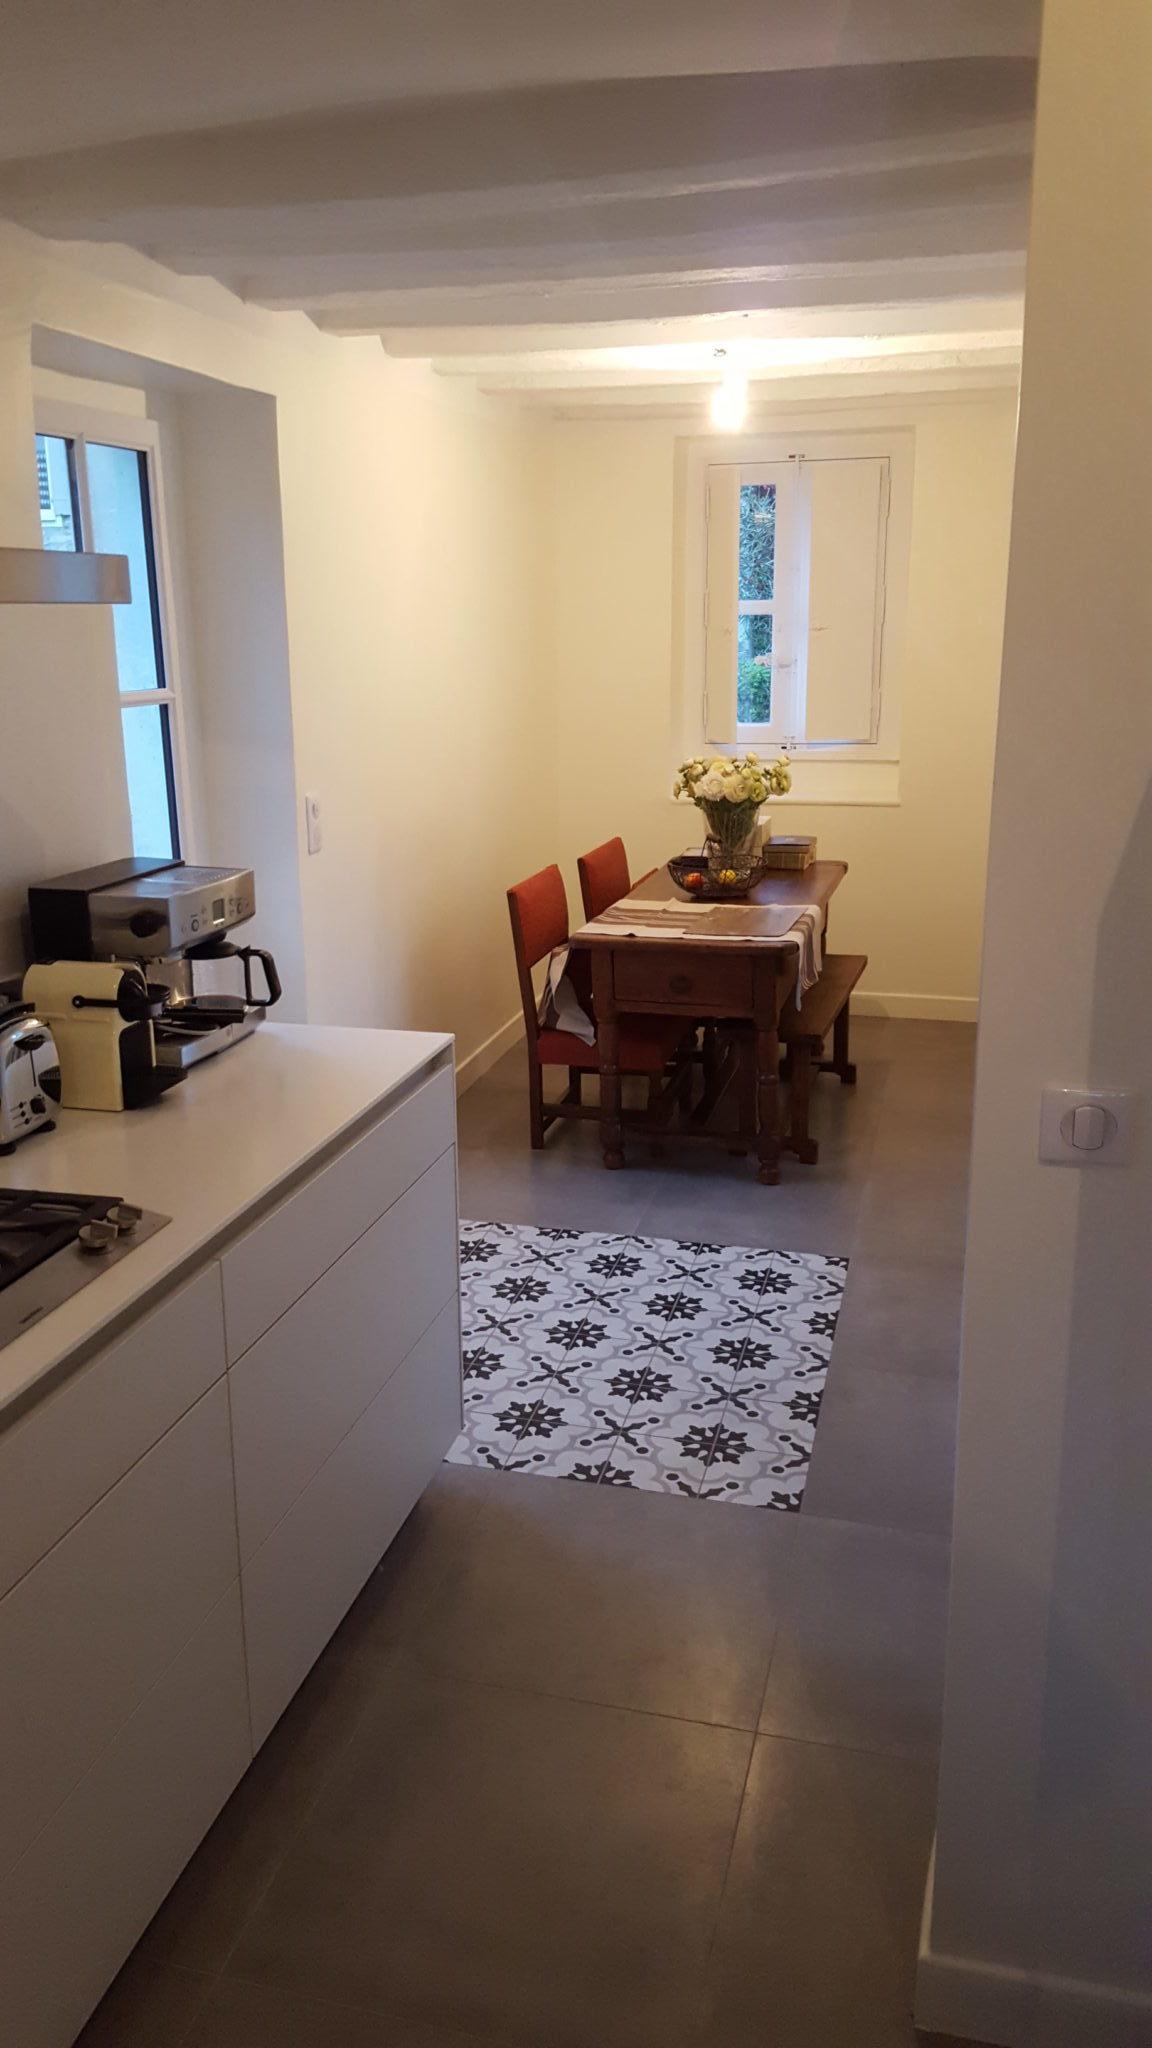 Photo de rénovation intérieure d'une maison ancienne avec accès à la salle à manger et à la cuisine